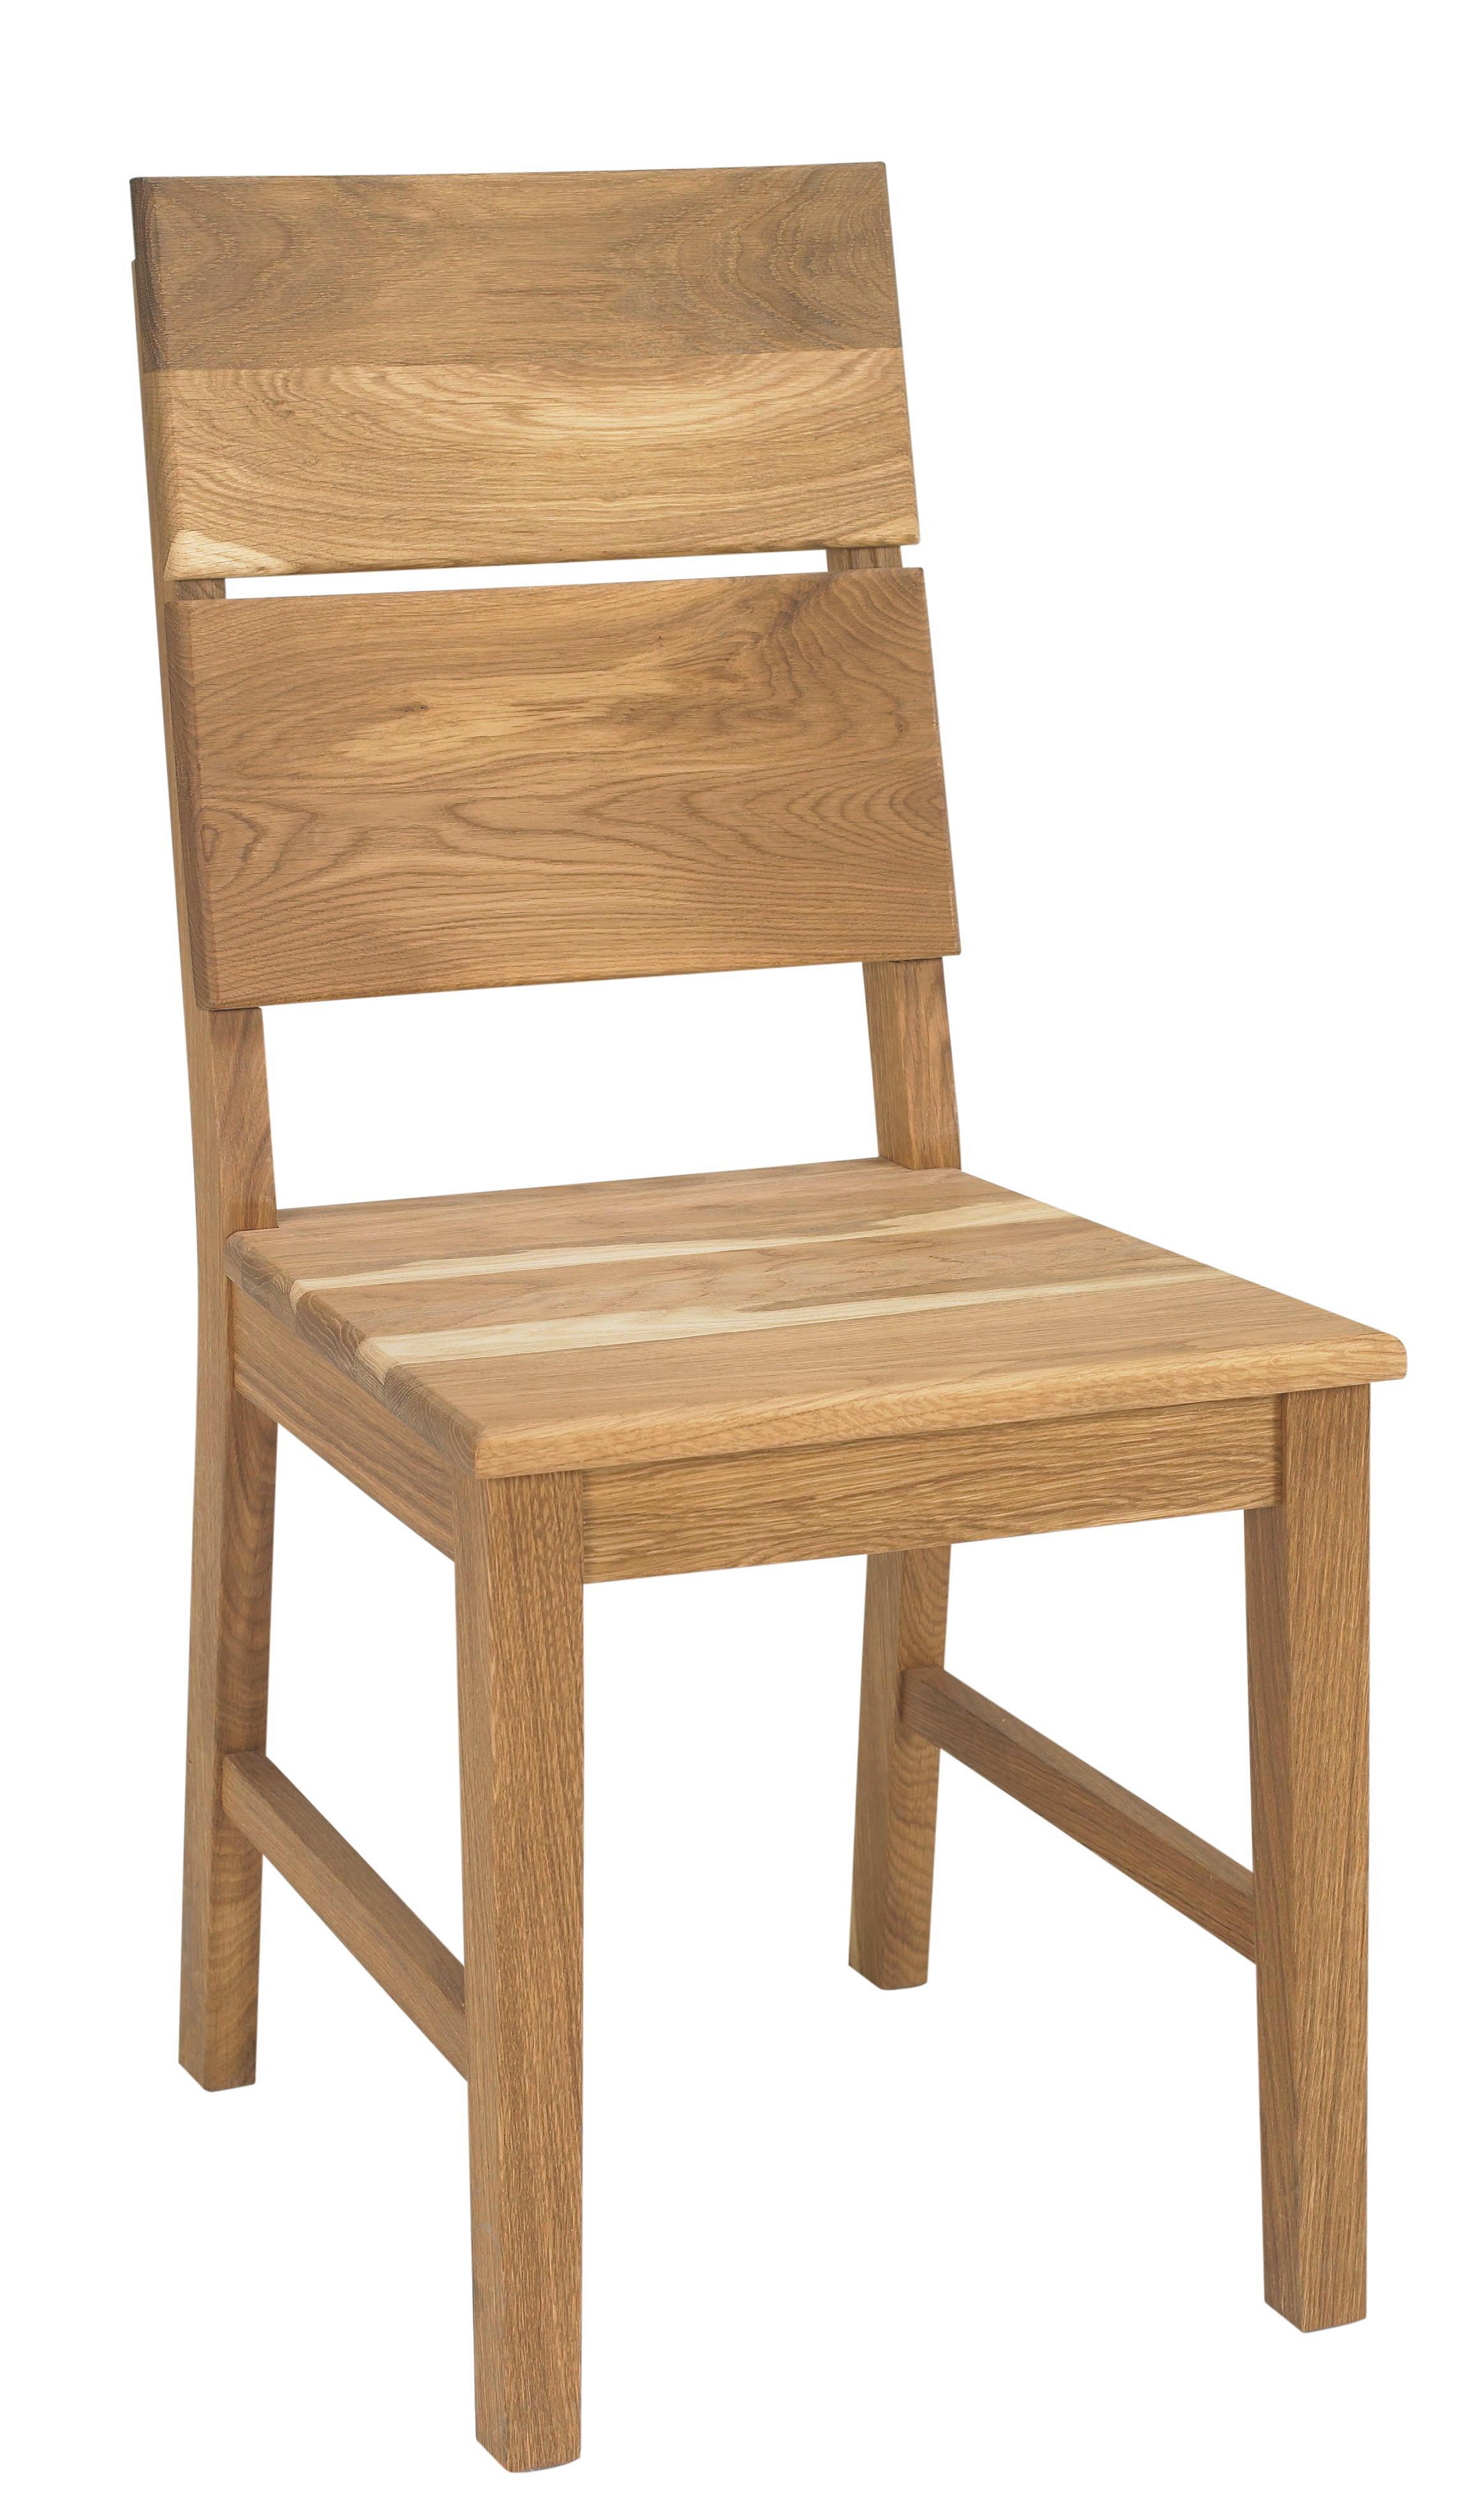 cheap stuhl massiv gelt wildeiche massiv eichefarben eichefarben modern holz with weier stuhl mit holzbeinen